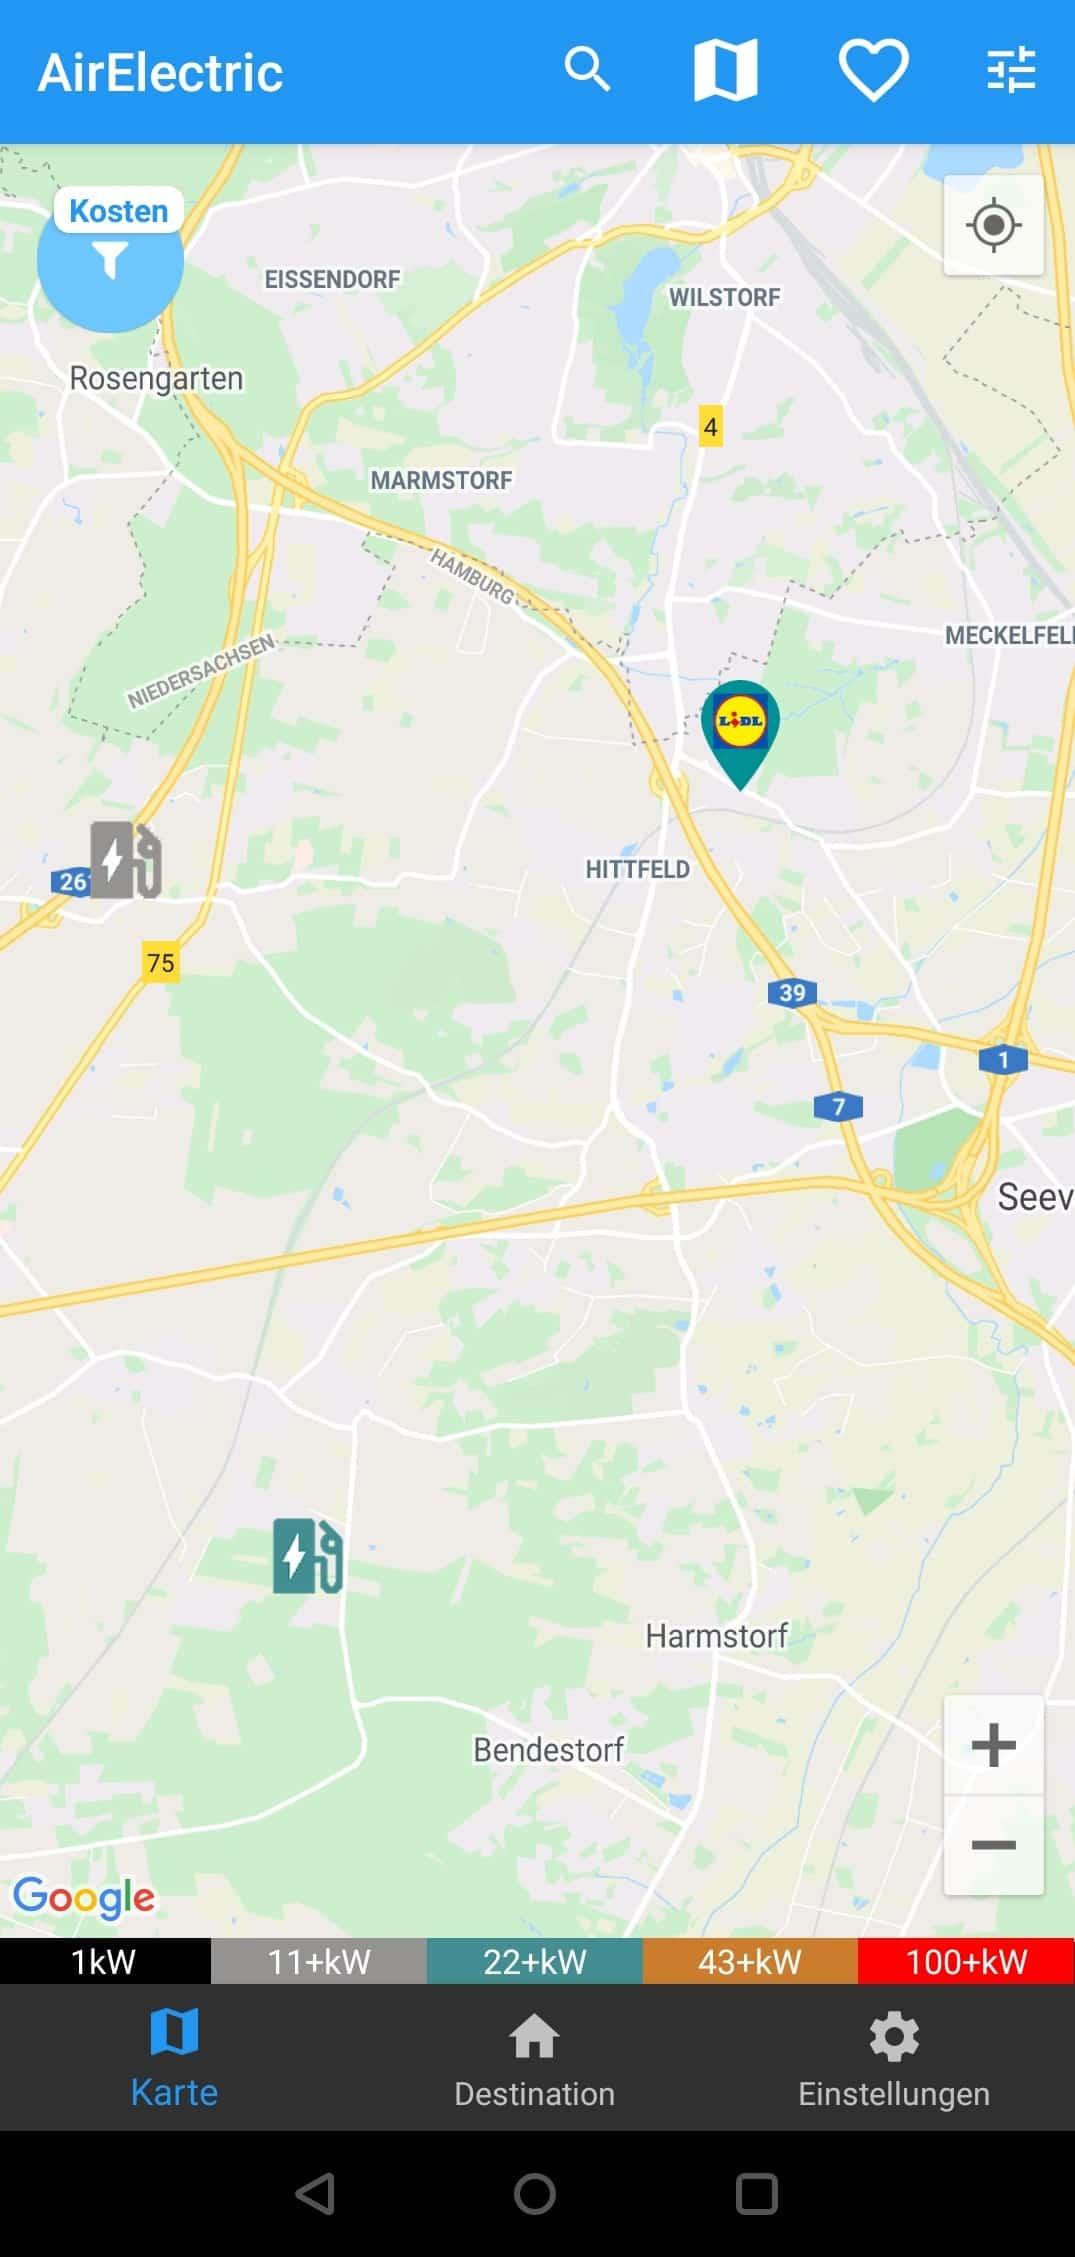 AirElectric (Android) gefilterte Karte mit kostenlosen Ladesäulen